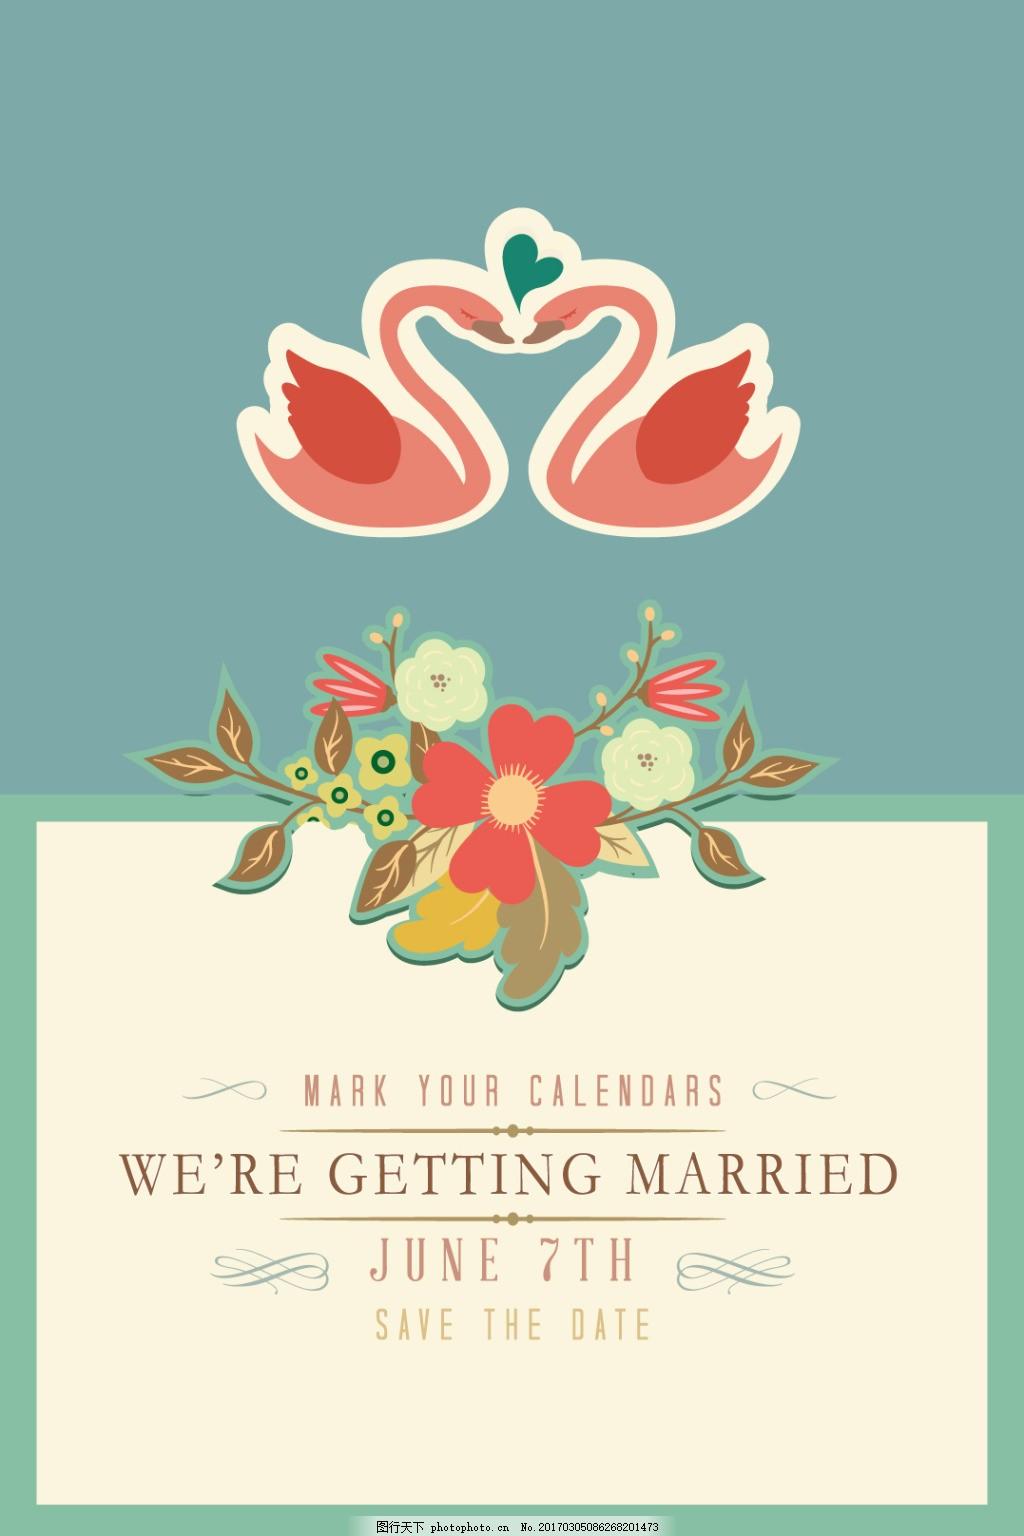 森系邀请卡矢量素材 邀请卡 婚庆邀请卡 唯美 唯美花纹 手绘花卉 卡片